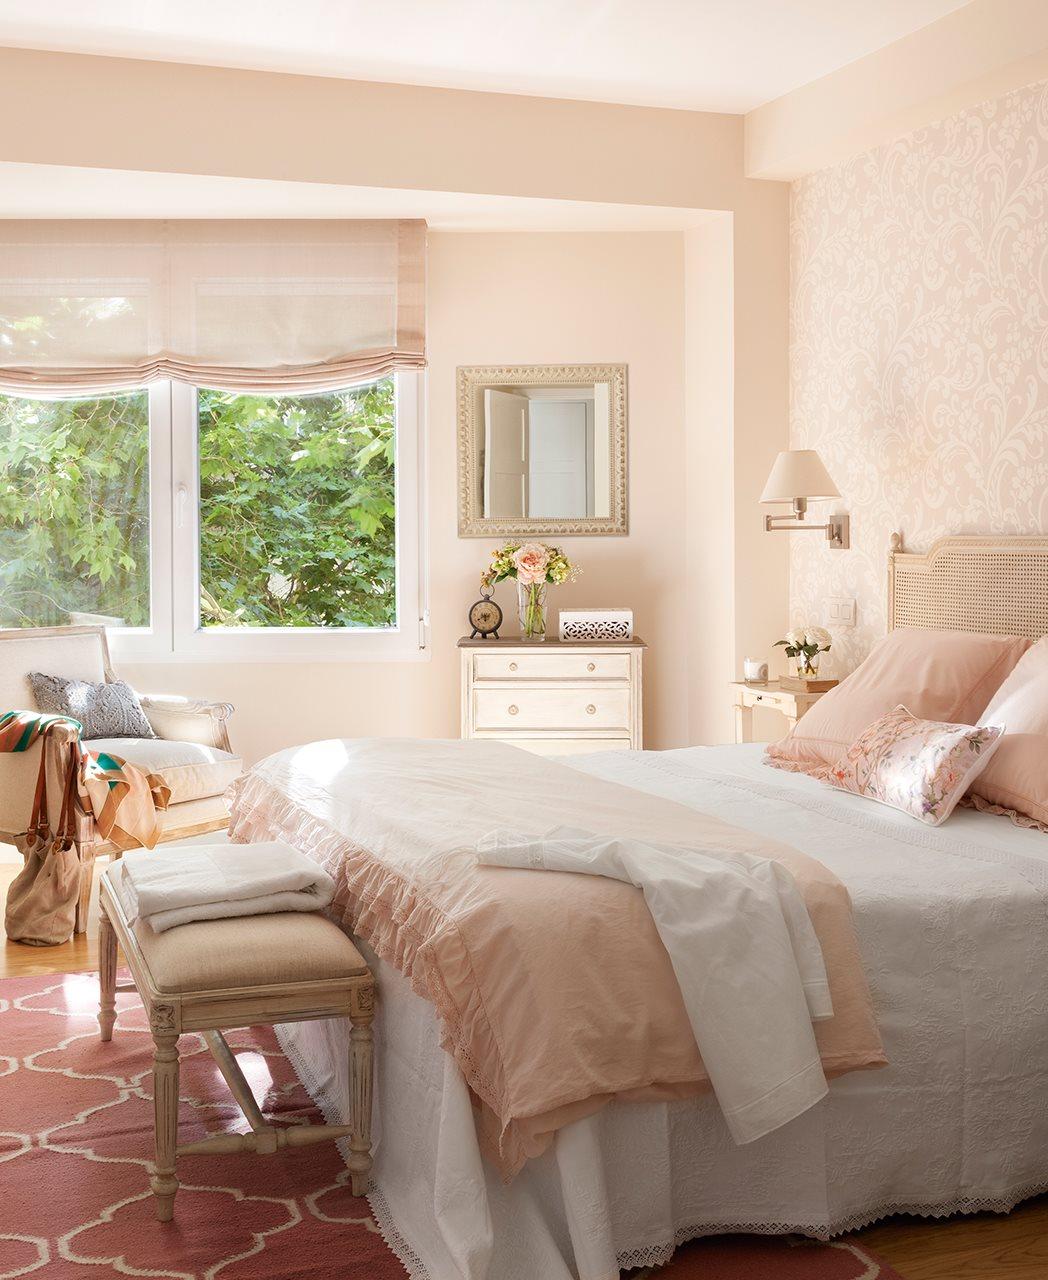 Mgc dise o de interiores el mueble - Papel para dormitorio ...